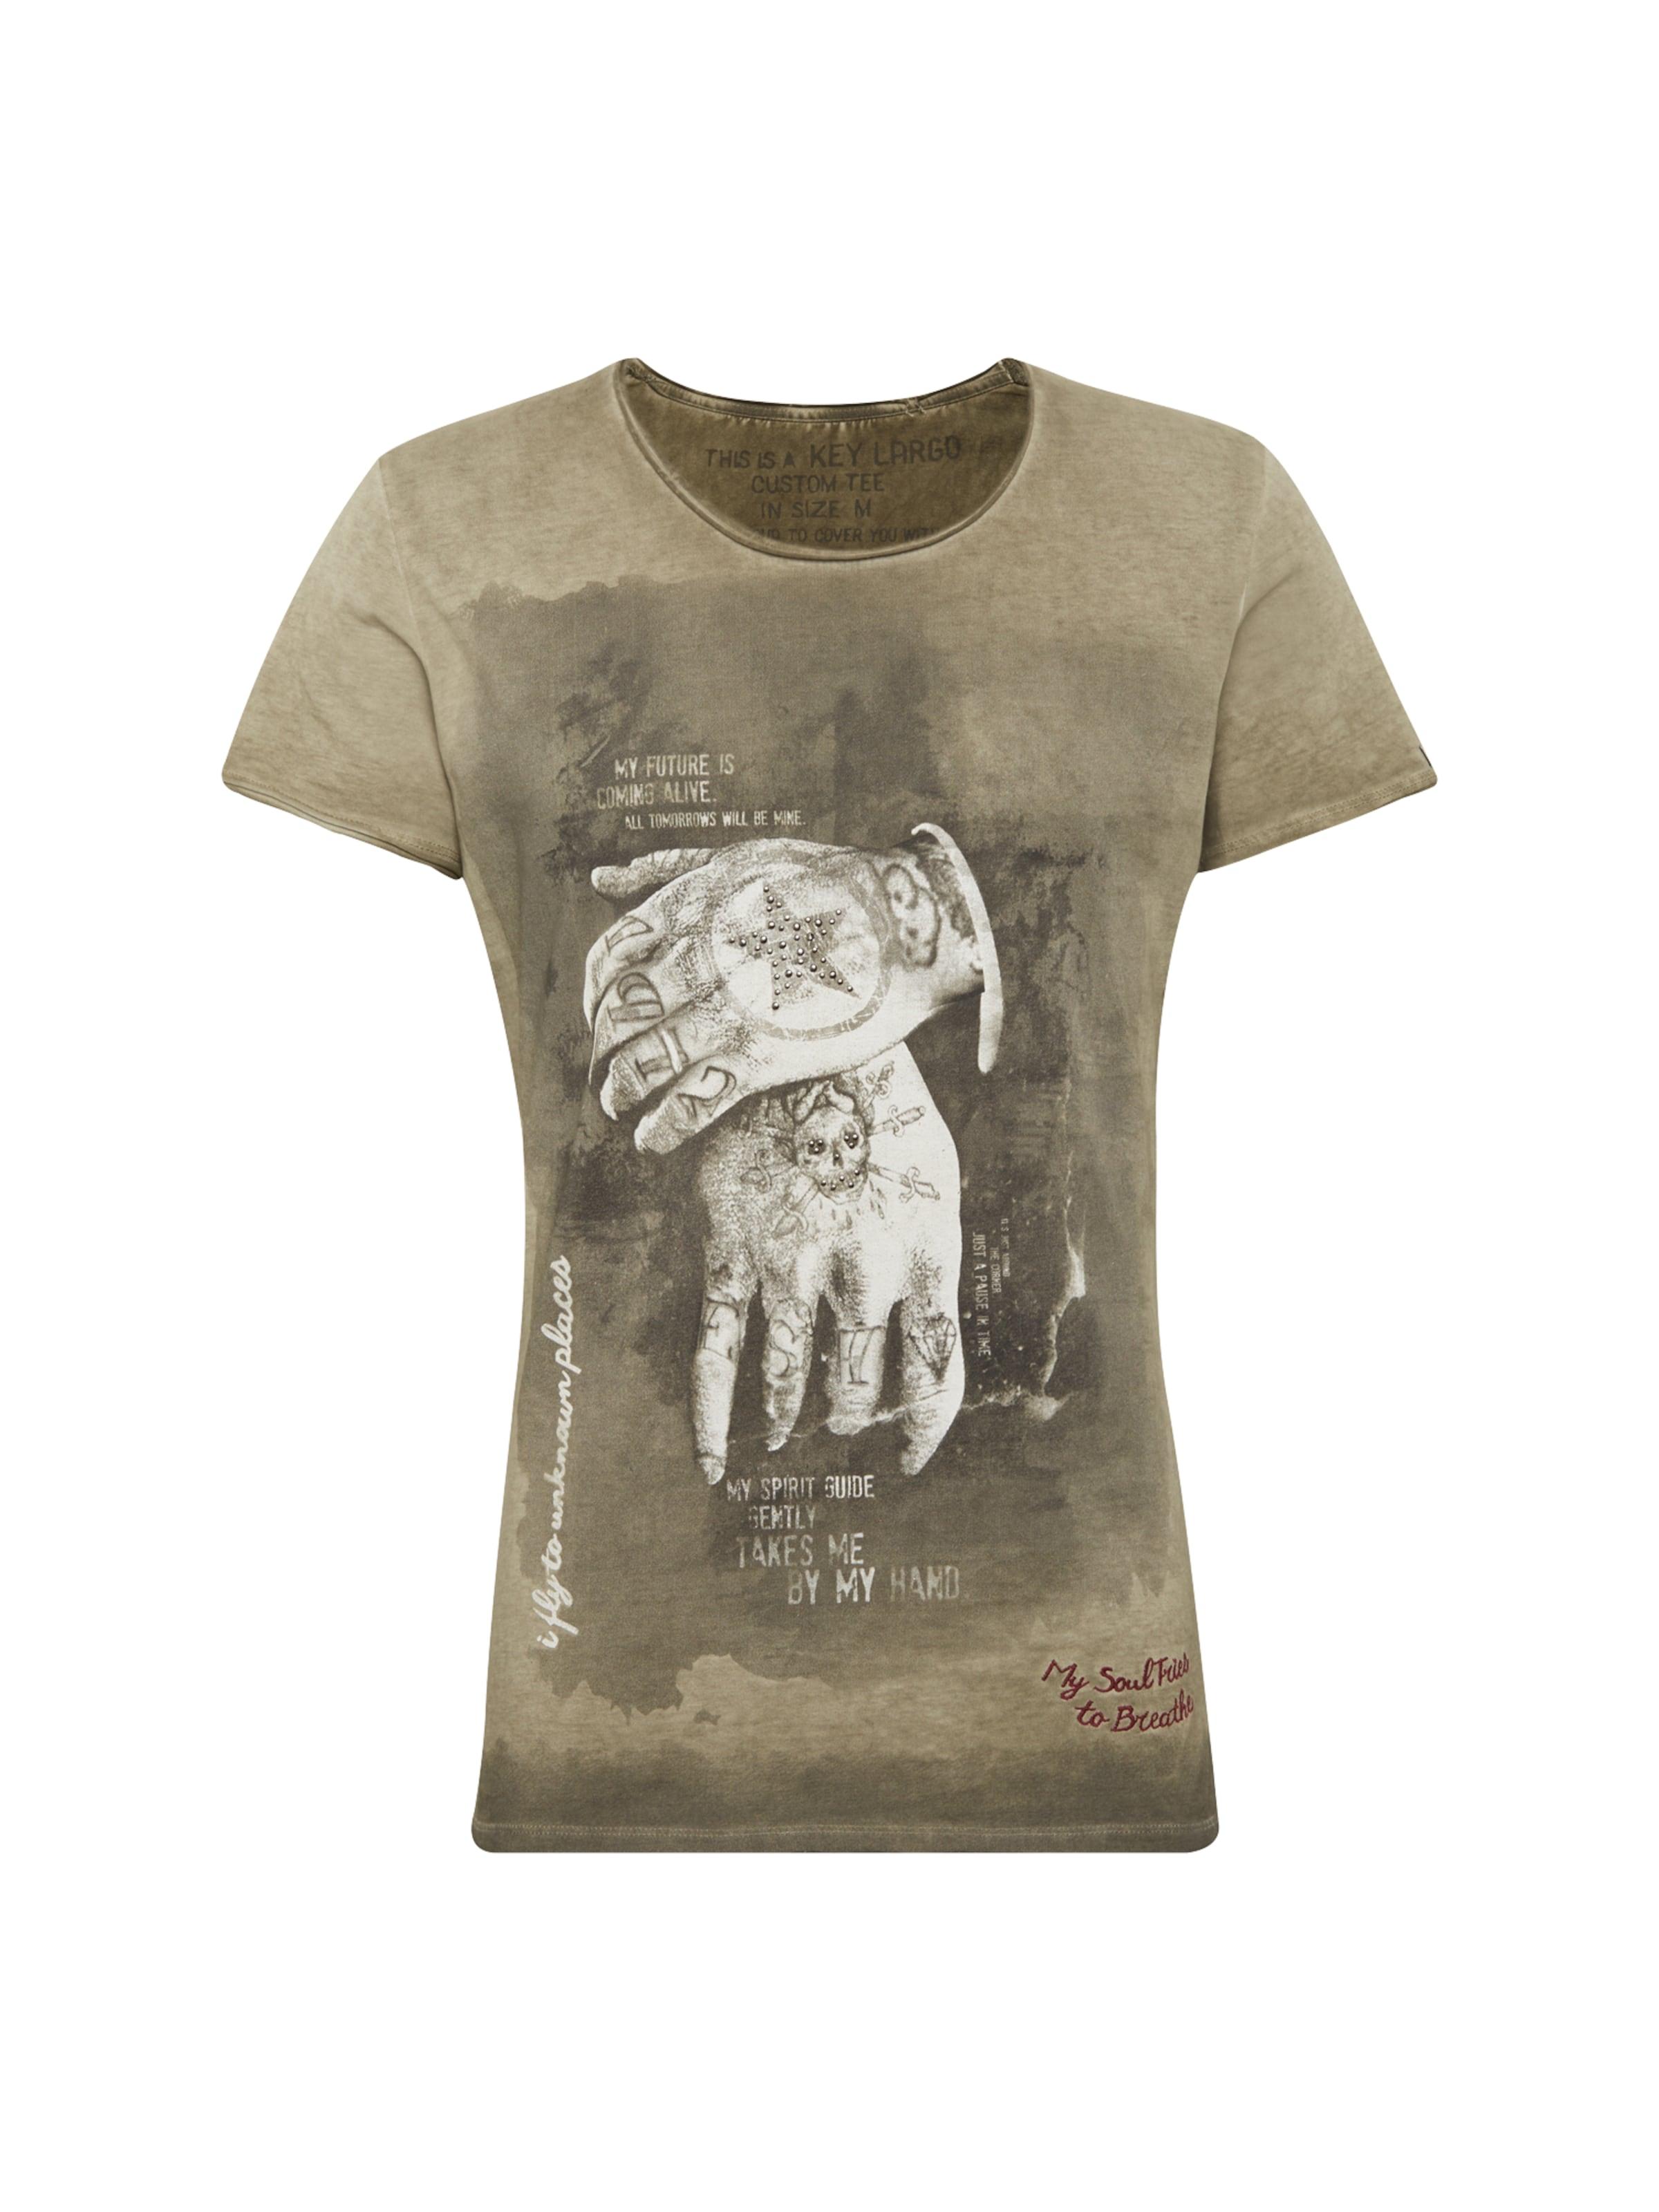 'mt LargoT Round' Key Vert Alive In shirt nPO0wk